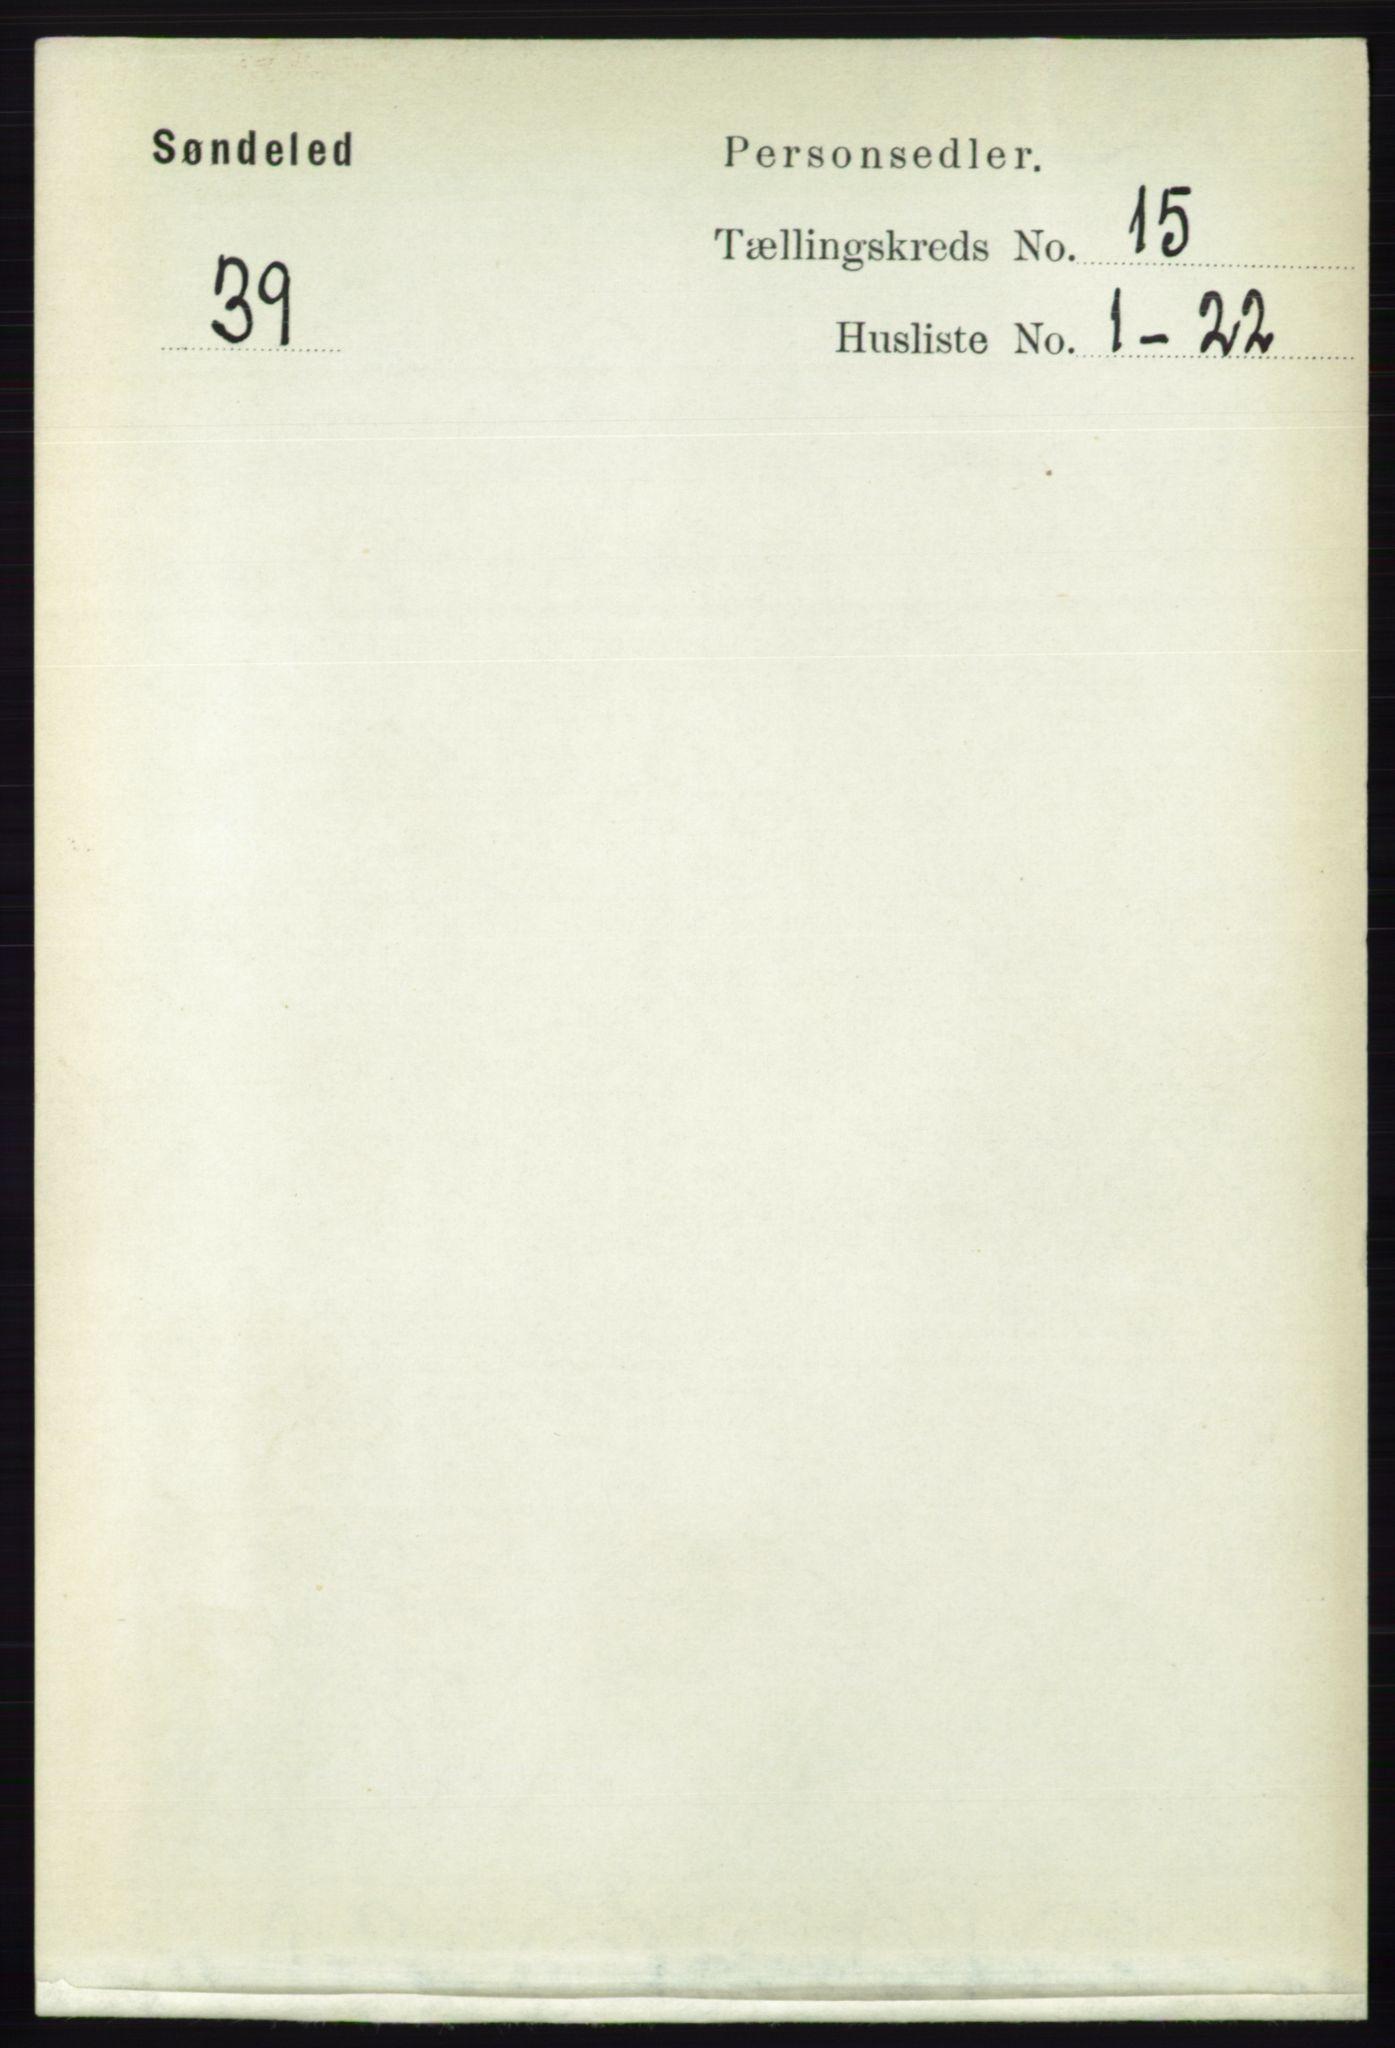 RA, Folketelling 1891 for 0913 Søndeled herred, 1891, s. 4327